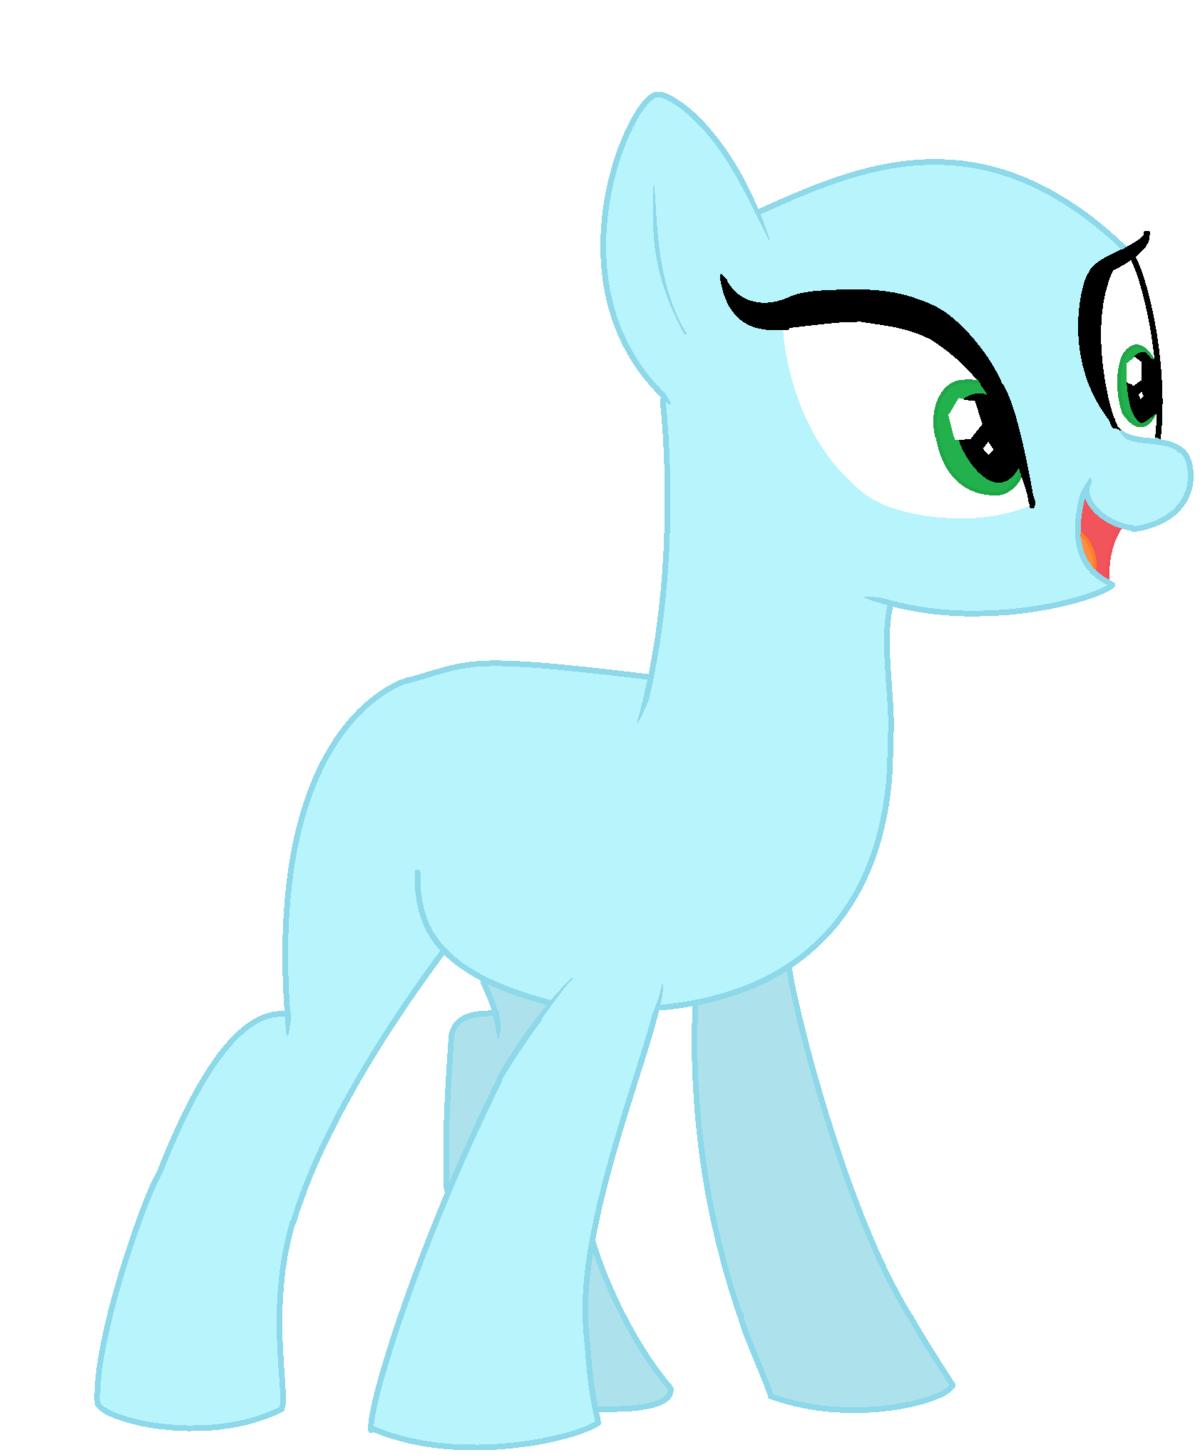 блок картинки пони которые бегают без гривы и хвоста схемы фото вязания